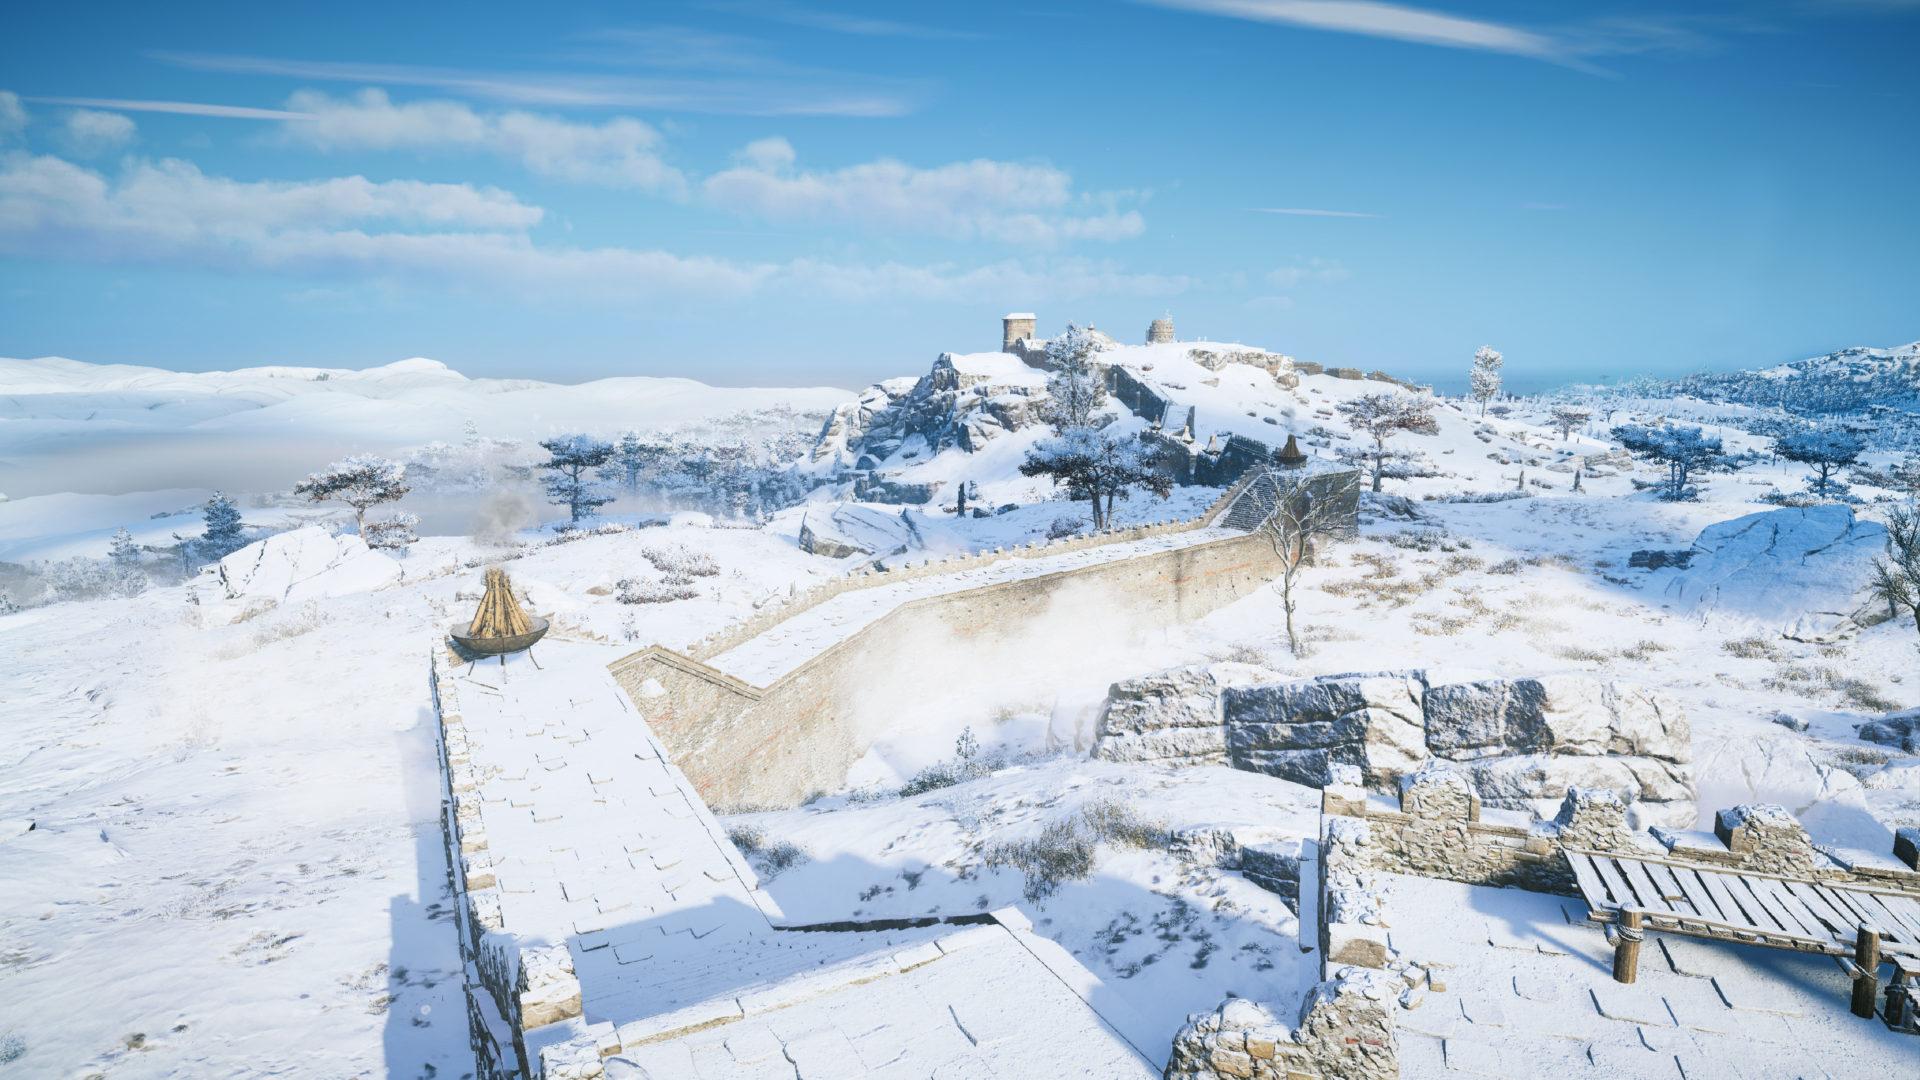 """Продюсер Assassin's Creed: Valhalla Жюльен Лаферьер: """"У серии еще много возможностей"""""""